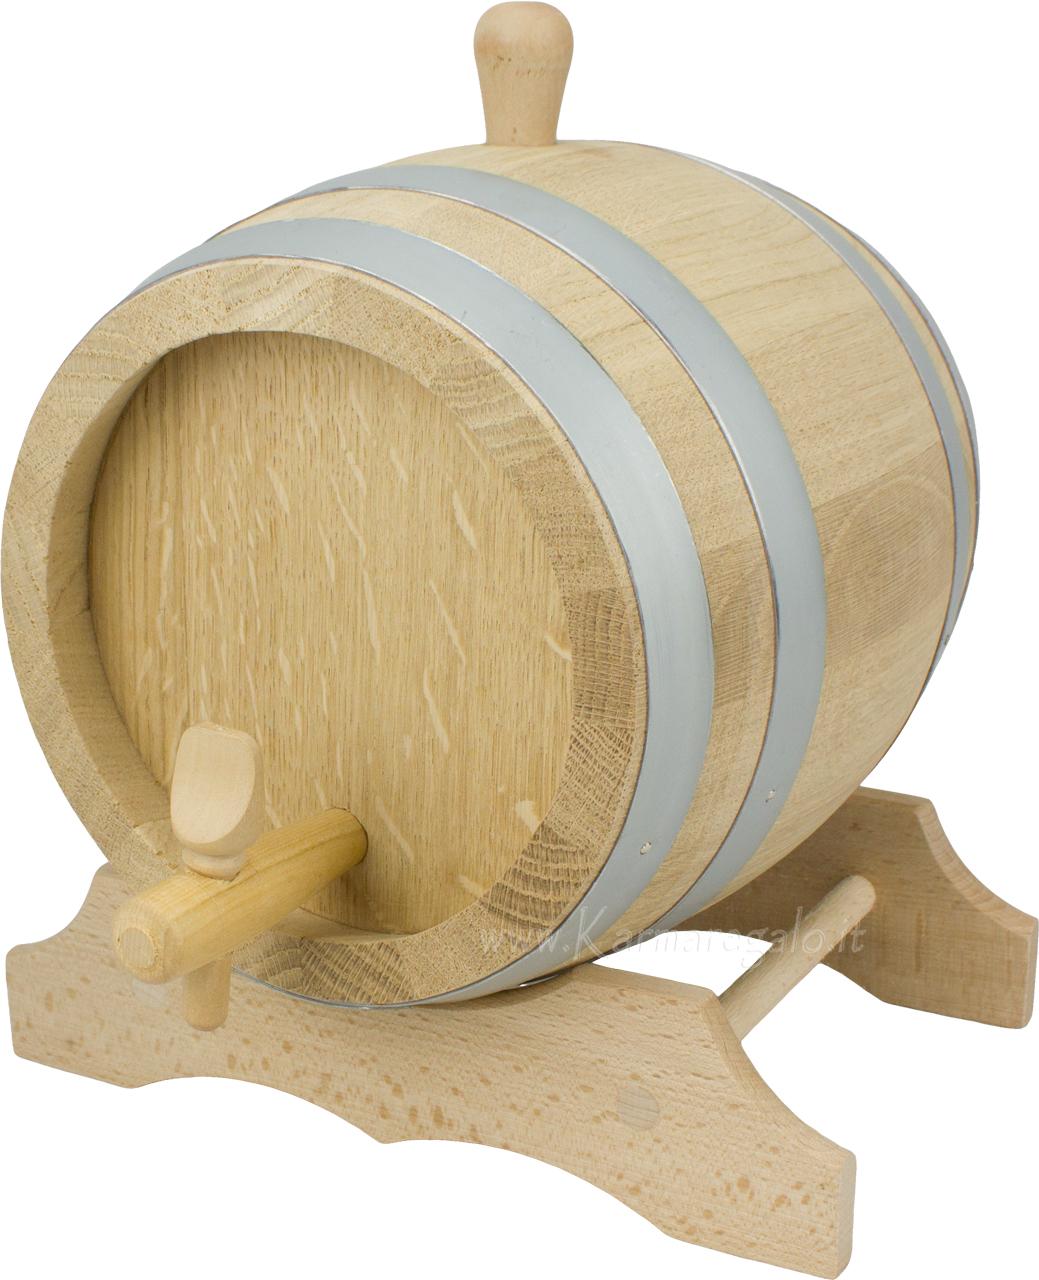 Karmaregalo botticella lt 10 in legno di quercia utensili for Amazon thun saldi